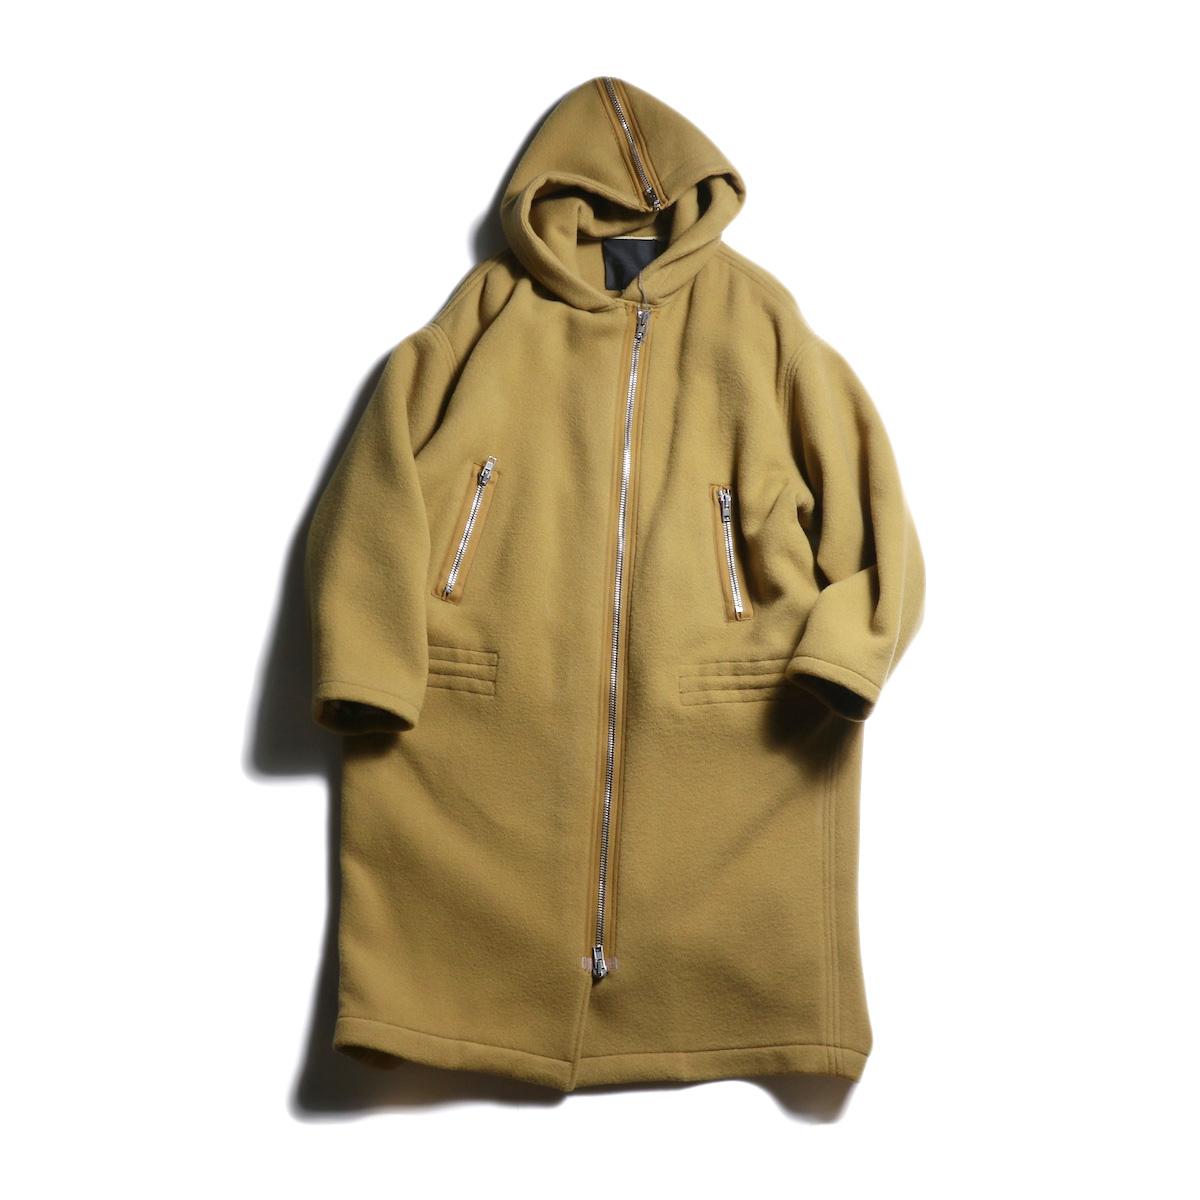 UNUSED Ladie's / US1655 Hood Coat (Camel)